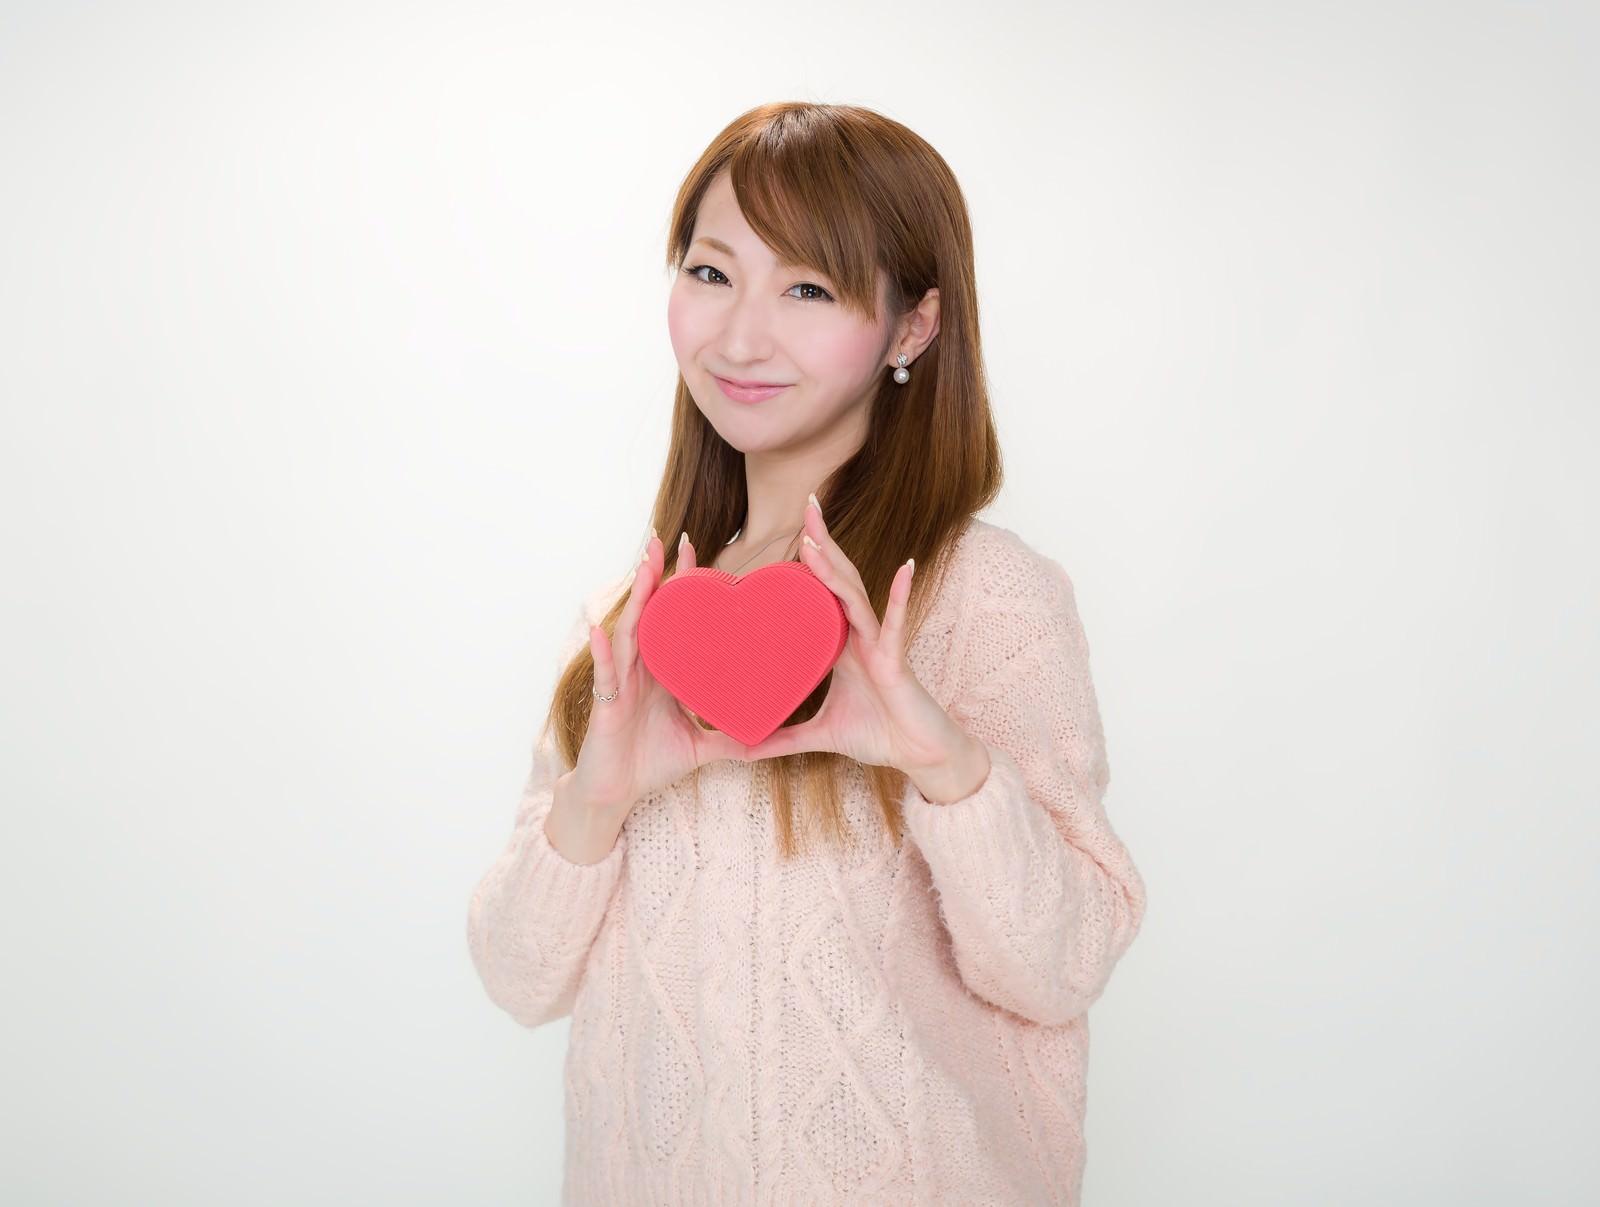 「バレンタインのチョコを持ったお姉さん」の写真[モデル:to-ko]